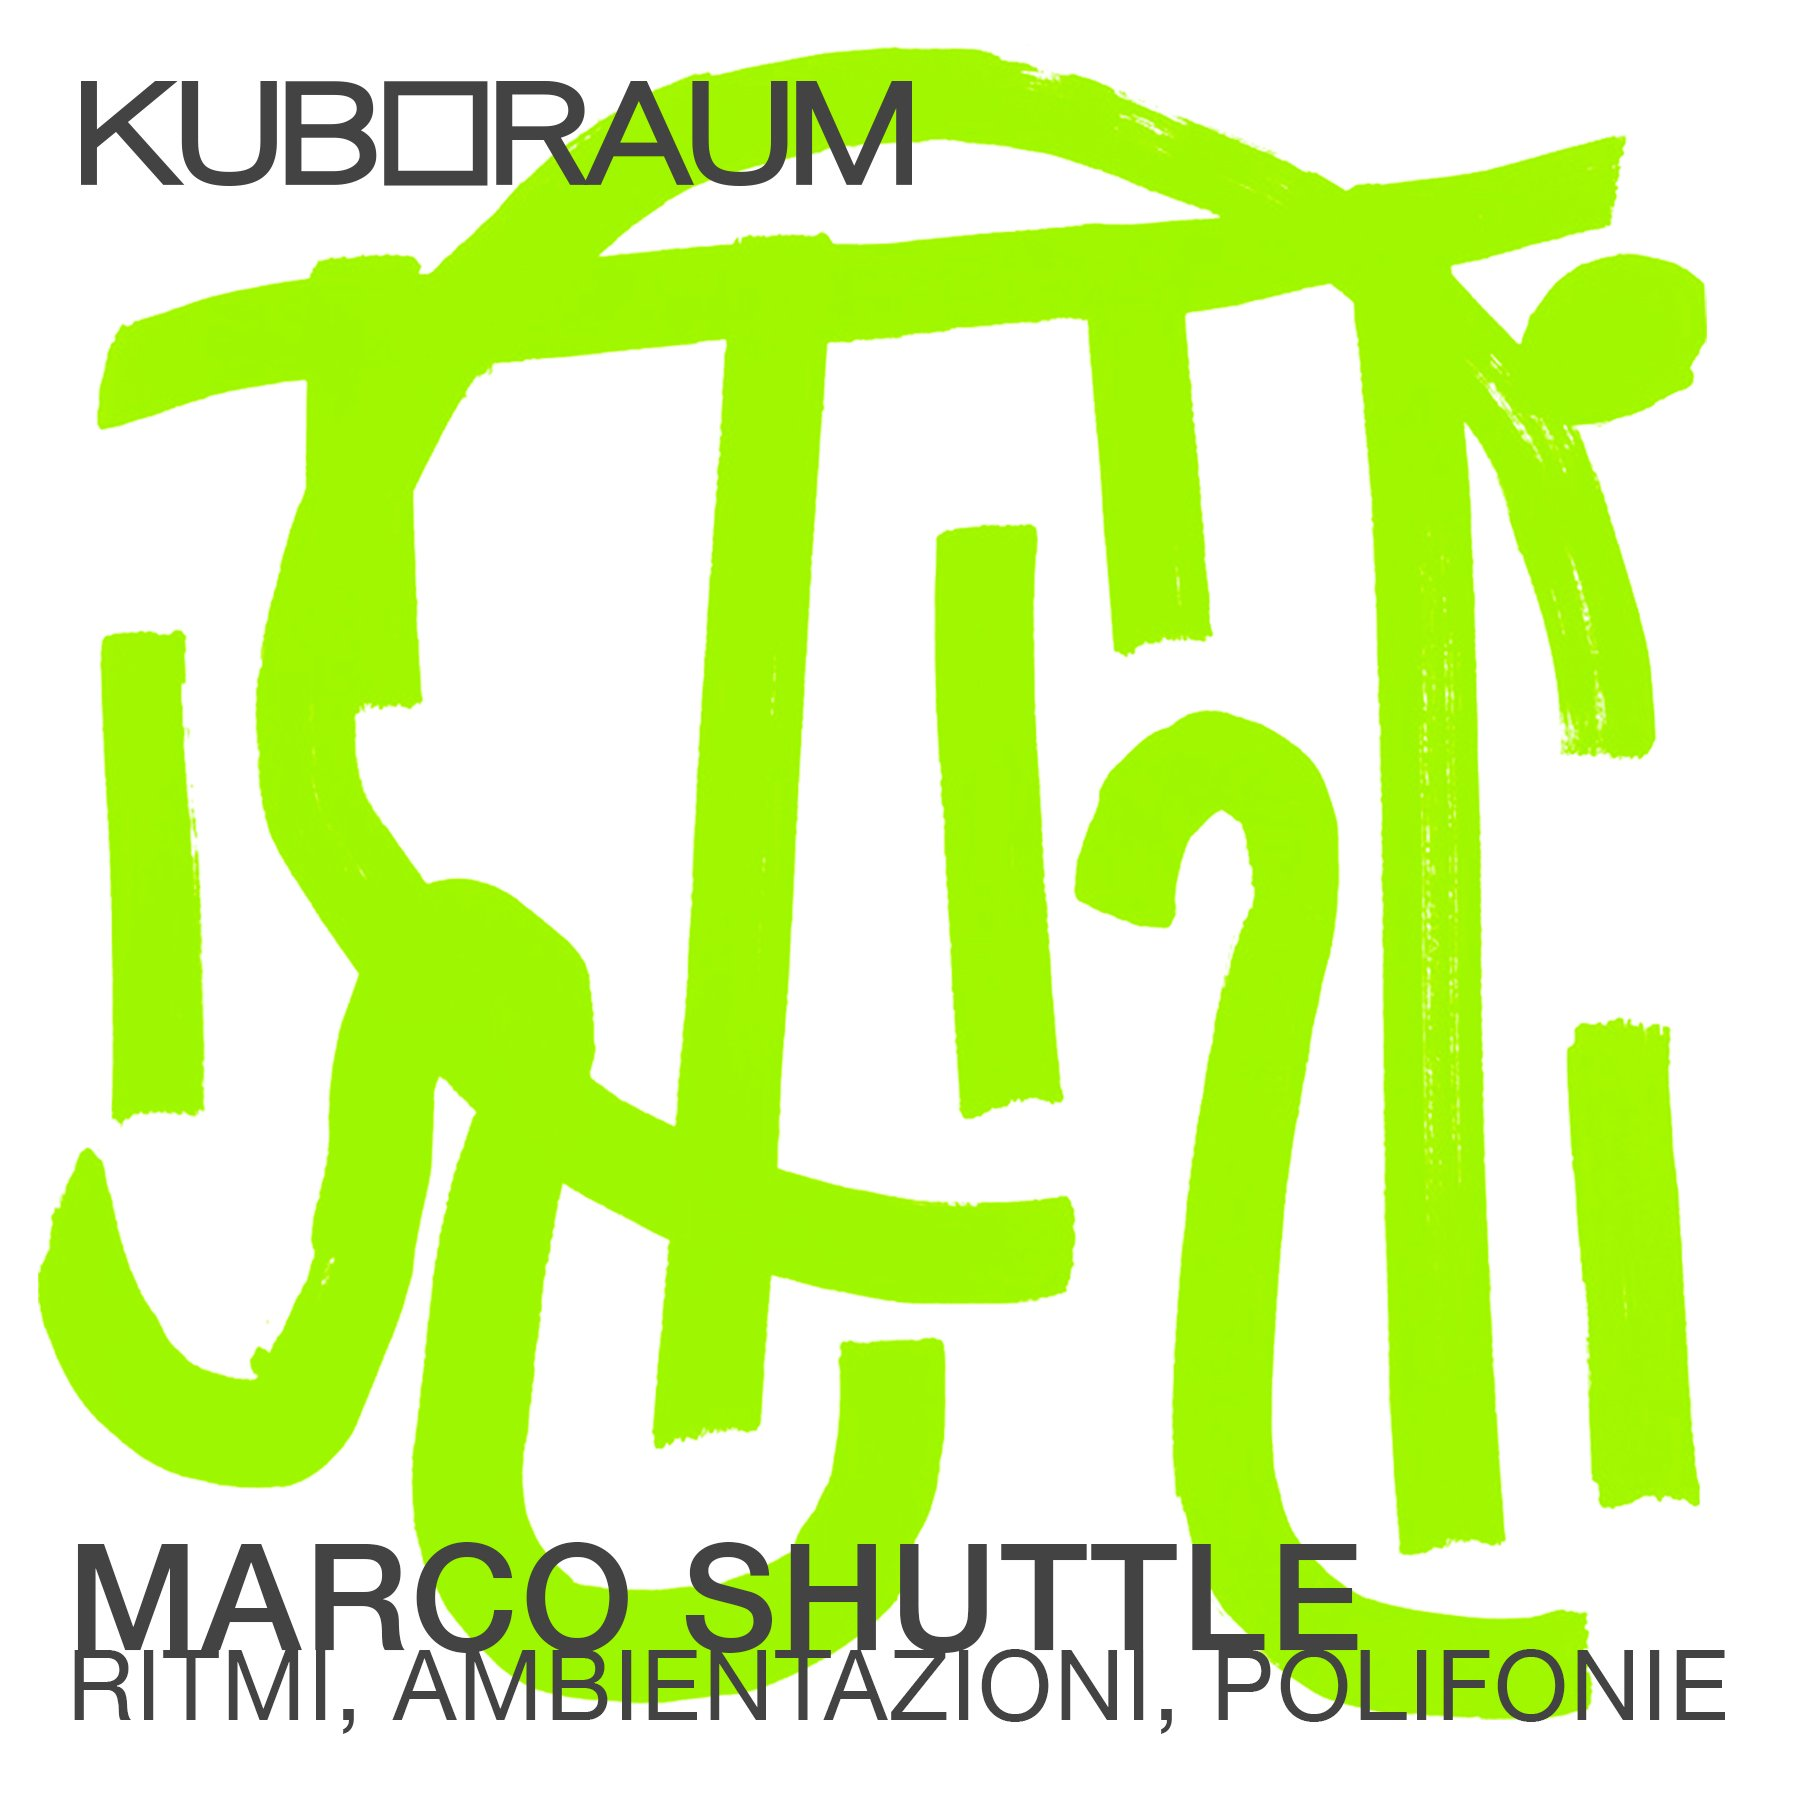 Gallery Kuboraum